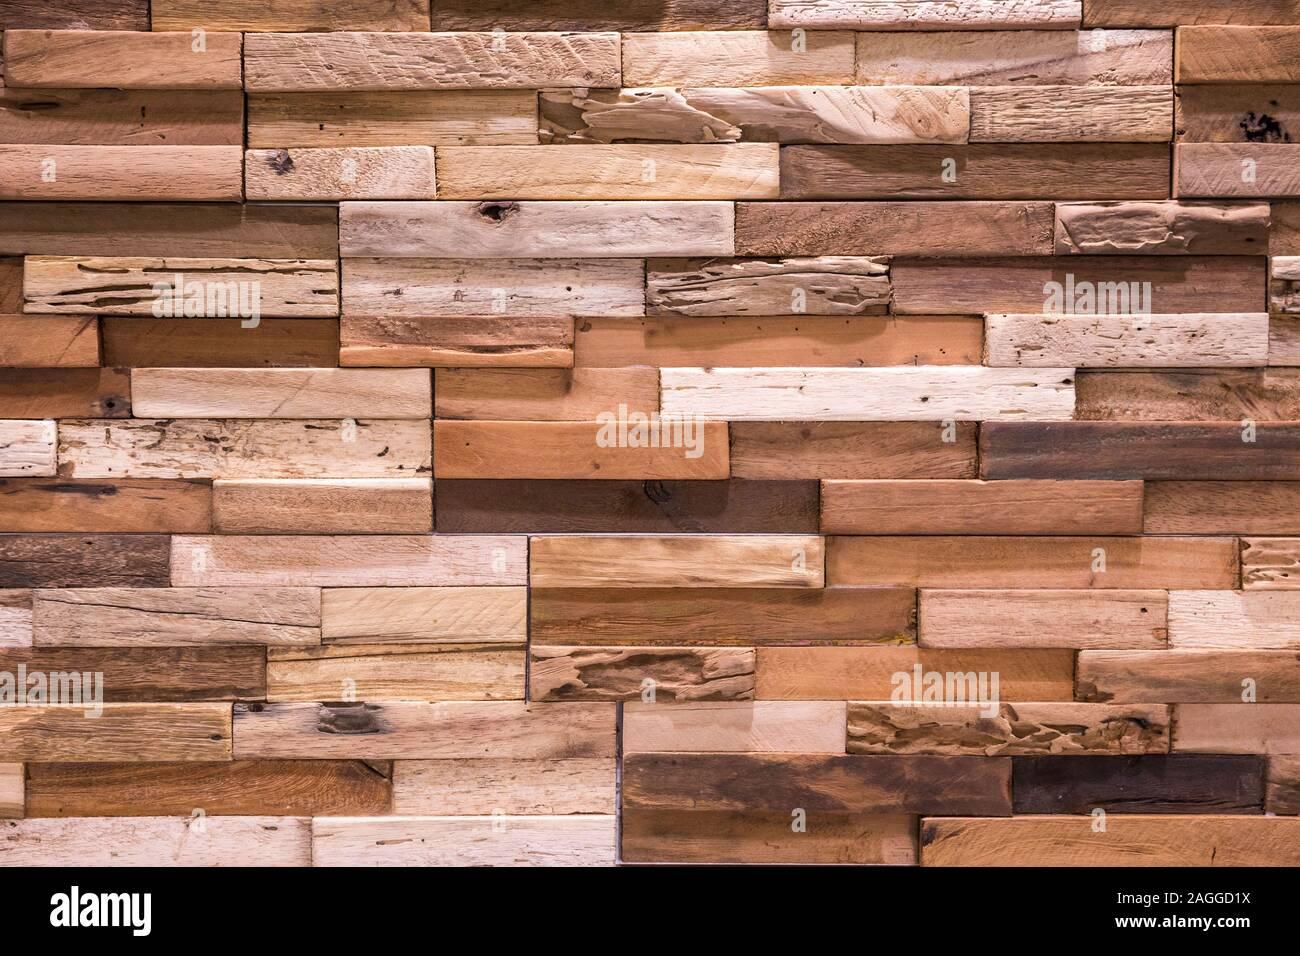 La texture du mur de brique en bois , fond de bois ,Belle Abstract tuiles, briques faites de différents types de bois. Banque D'Images